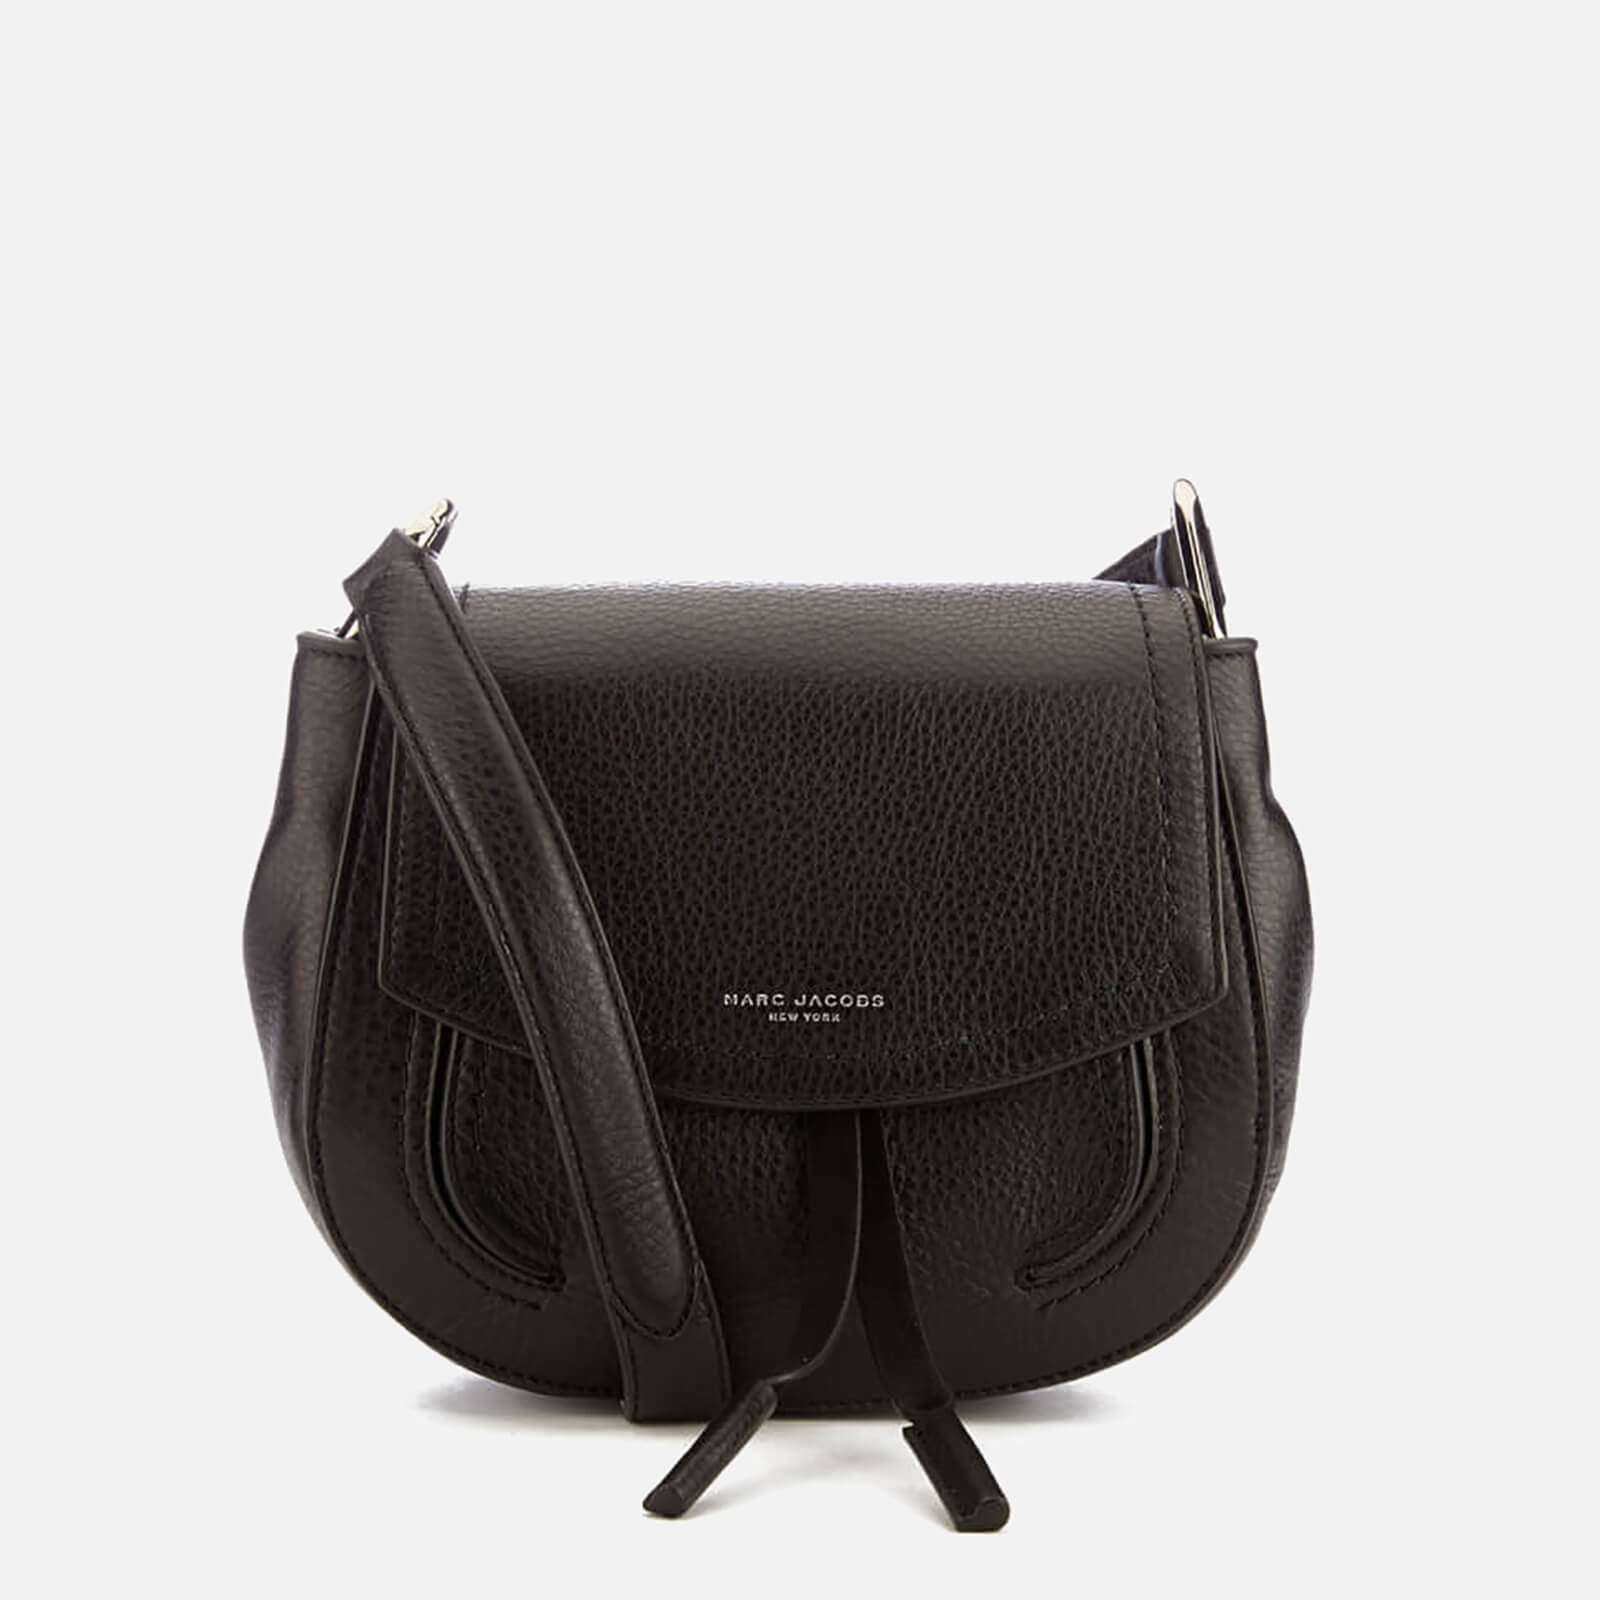 10f8d71d0ea5 Marc Jacobs Women s Maverick Mini Shoulder Bag - Black - Free UK ...